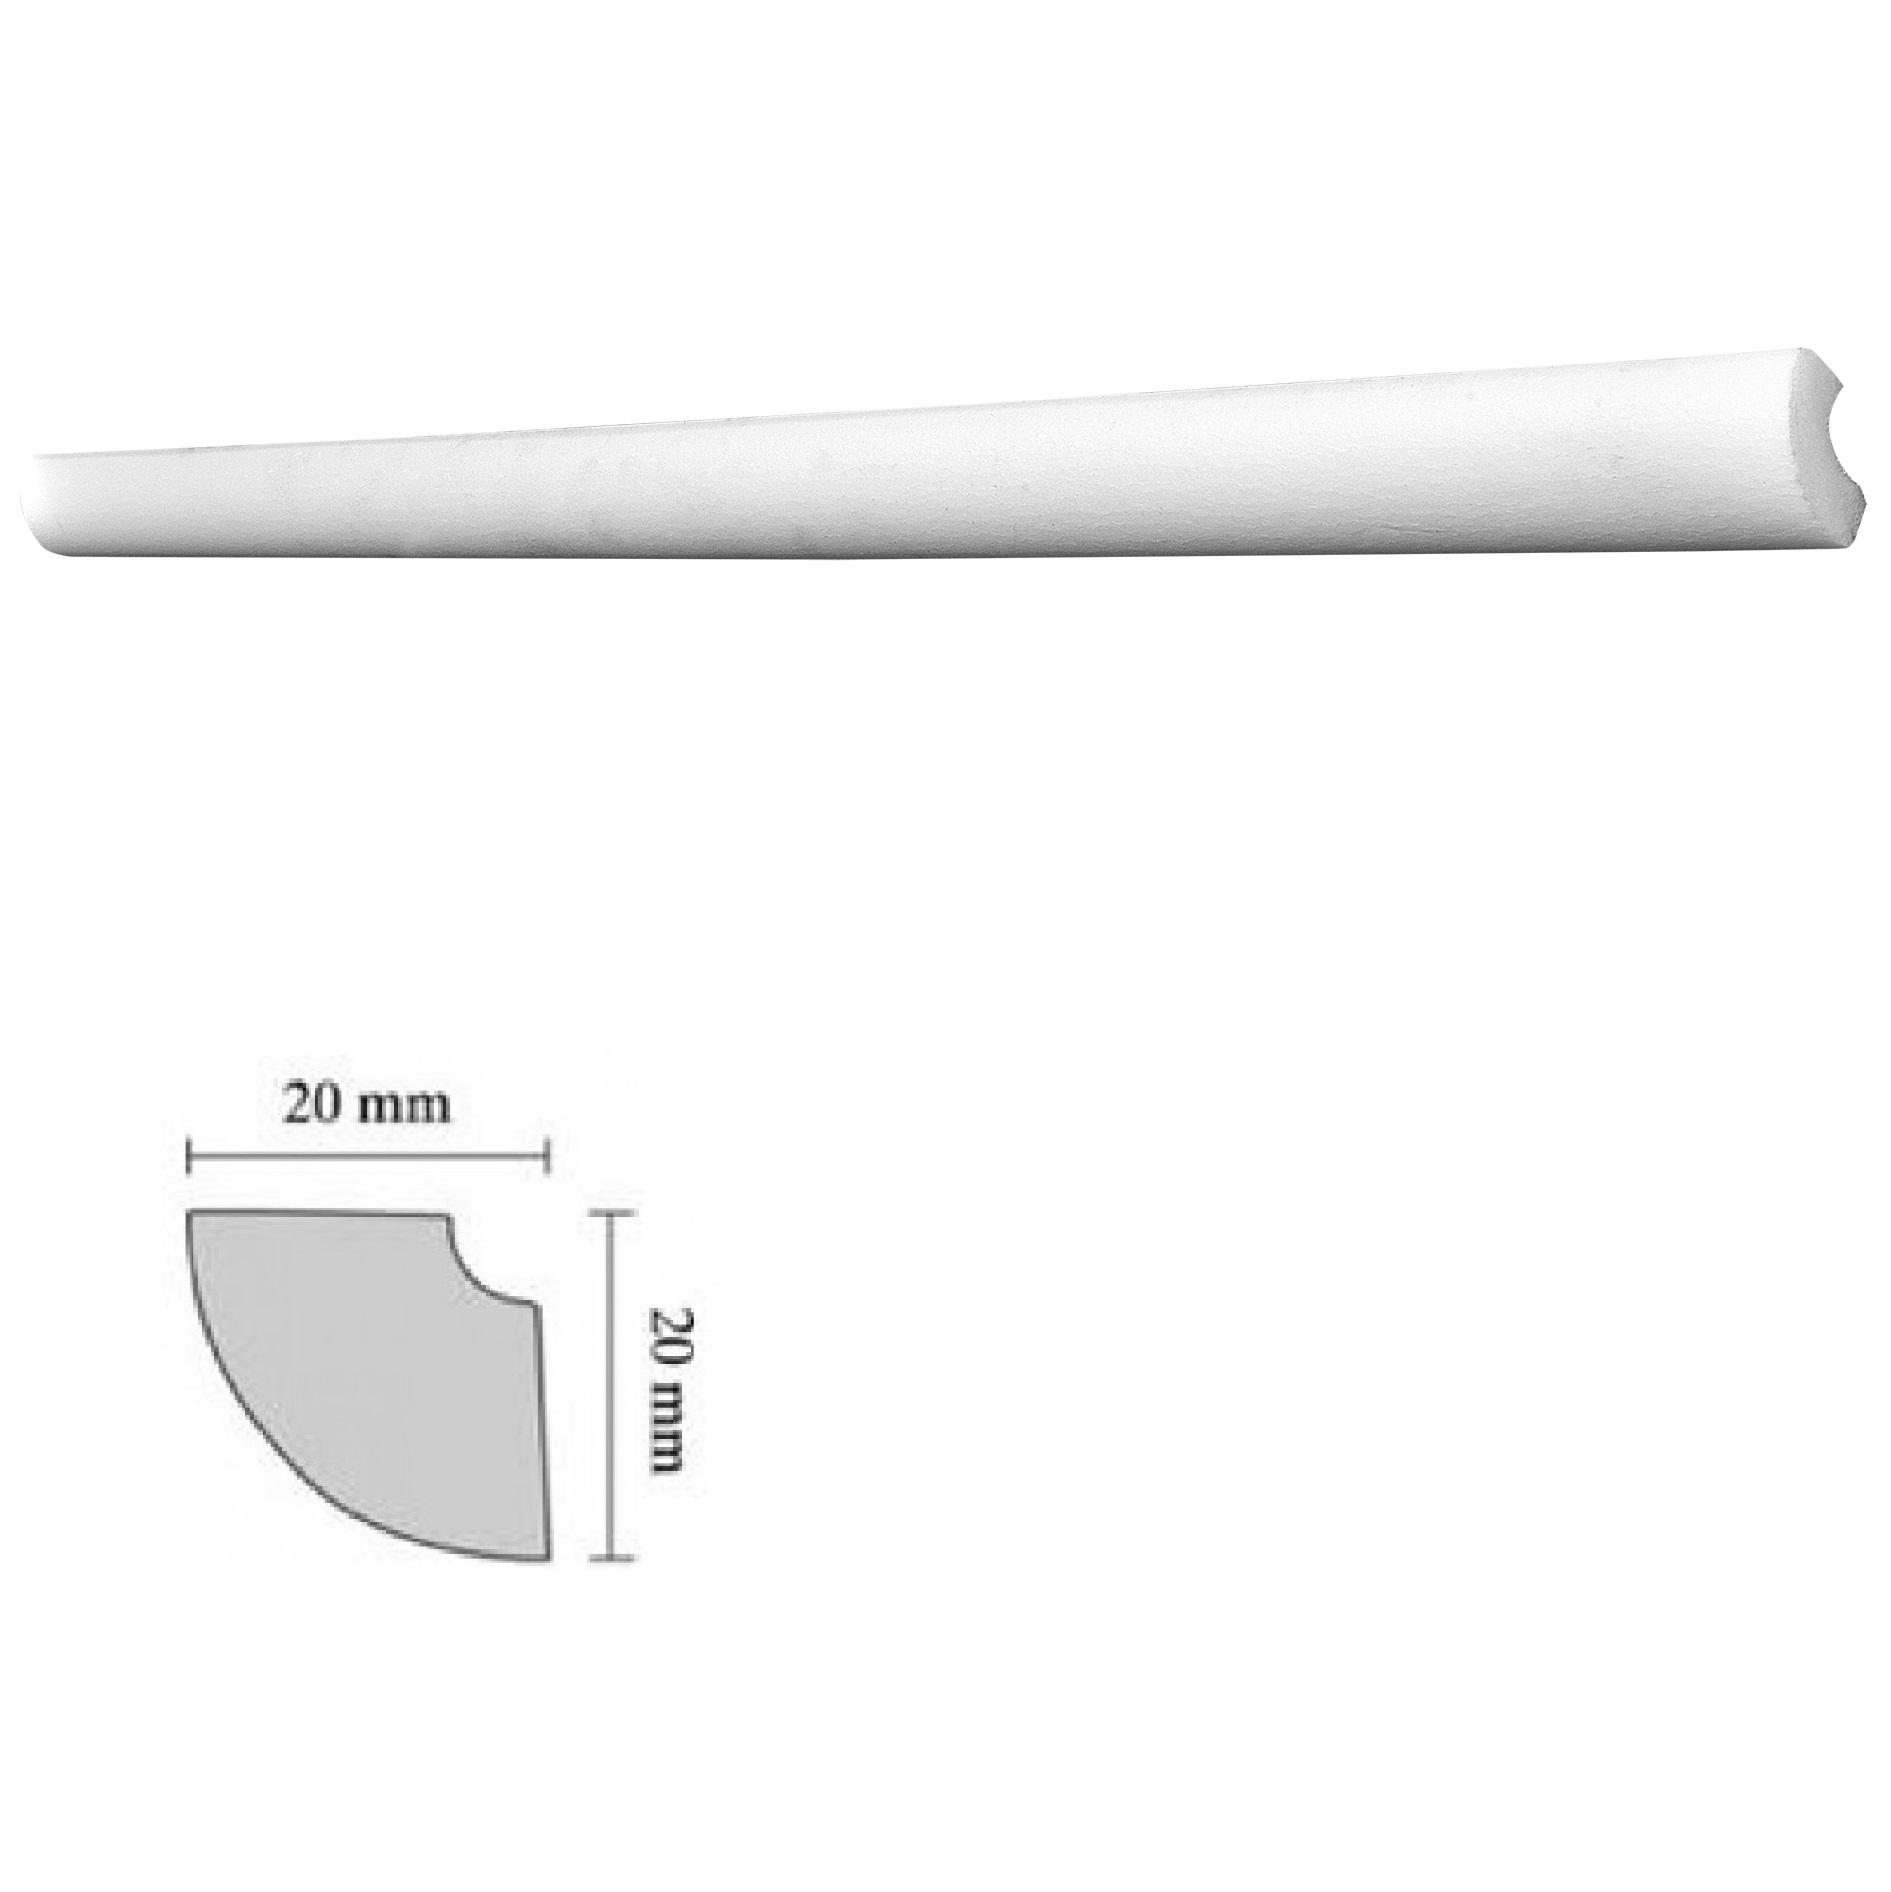 Baghete decorative Decosa- H15 (20x20mm)x180buc cod 13037 2021 davopro.ro